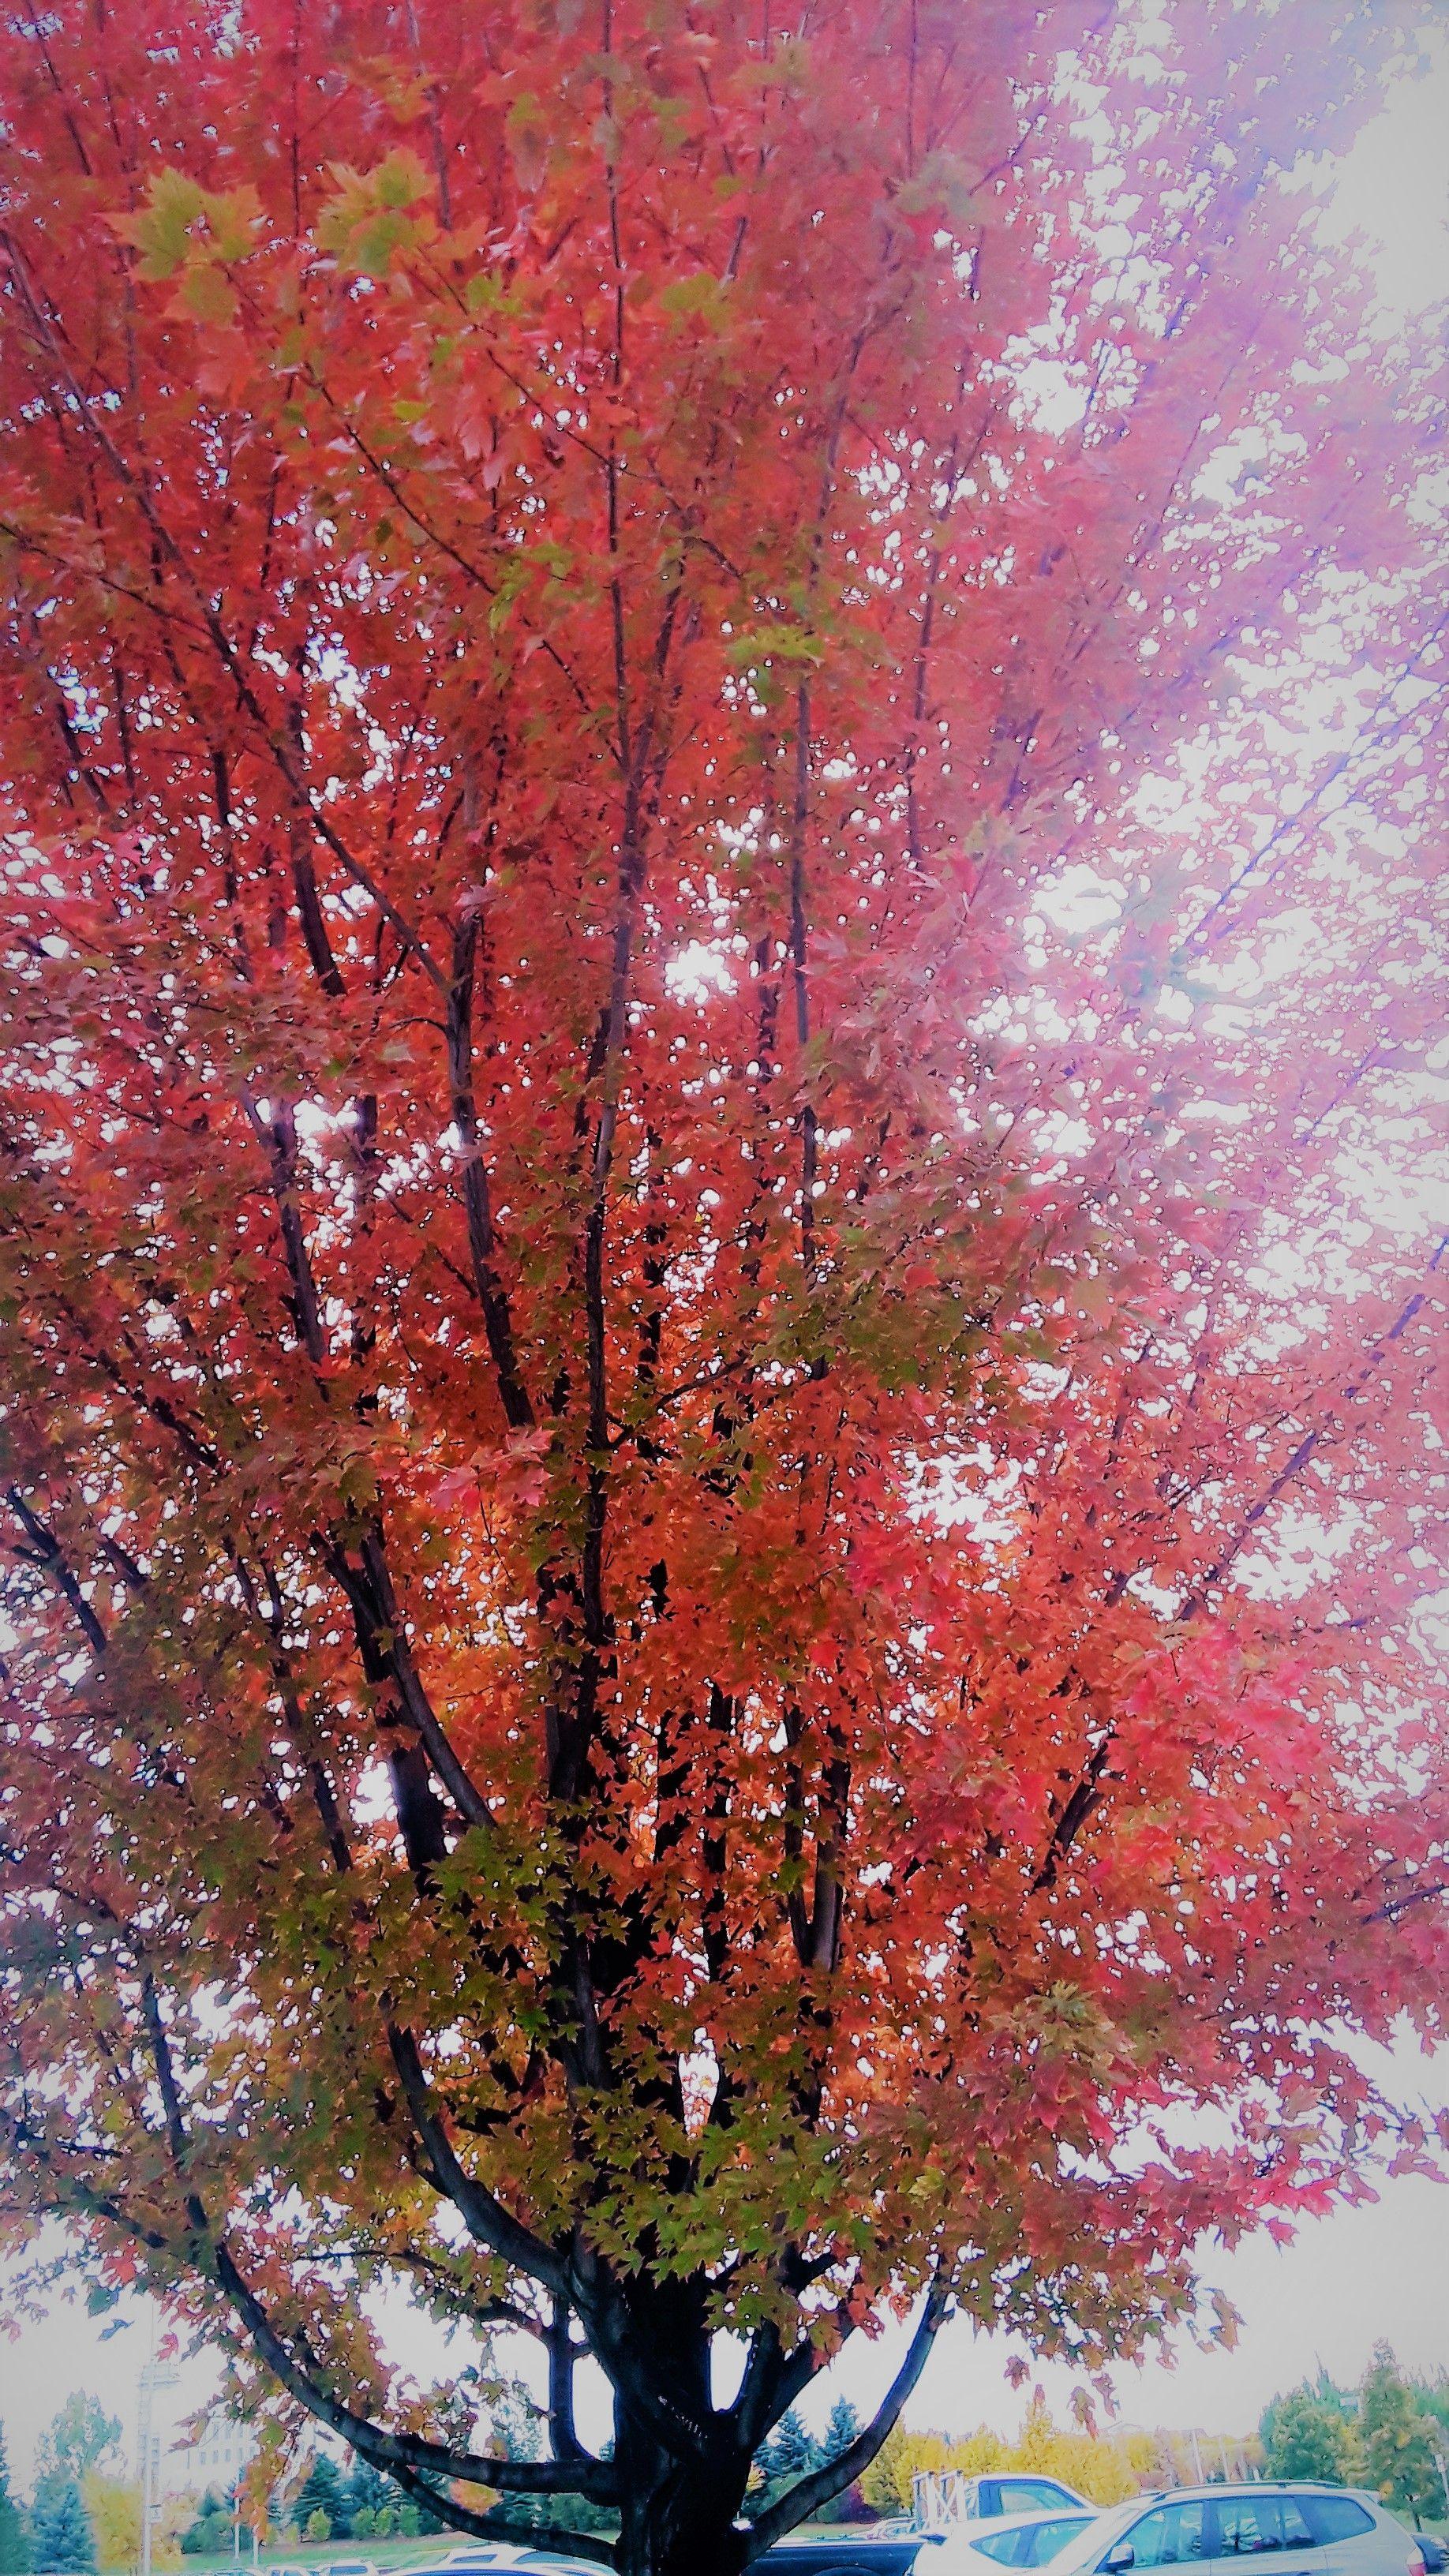 Acer X Freemanii Jeffersred Autumn Blaze Maple Zone 4 30 40 Ft